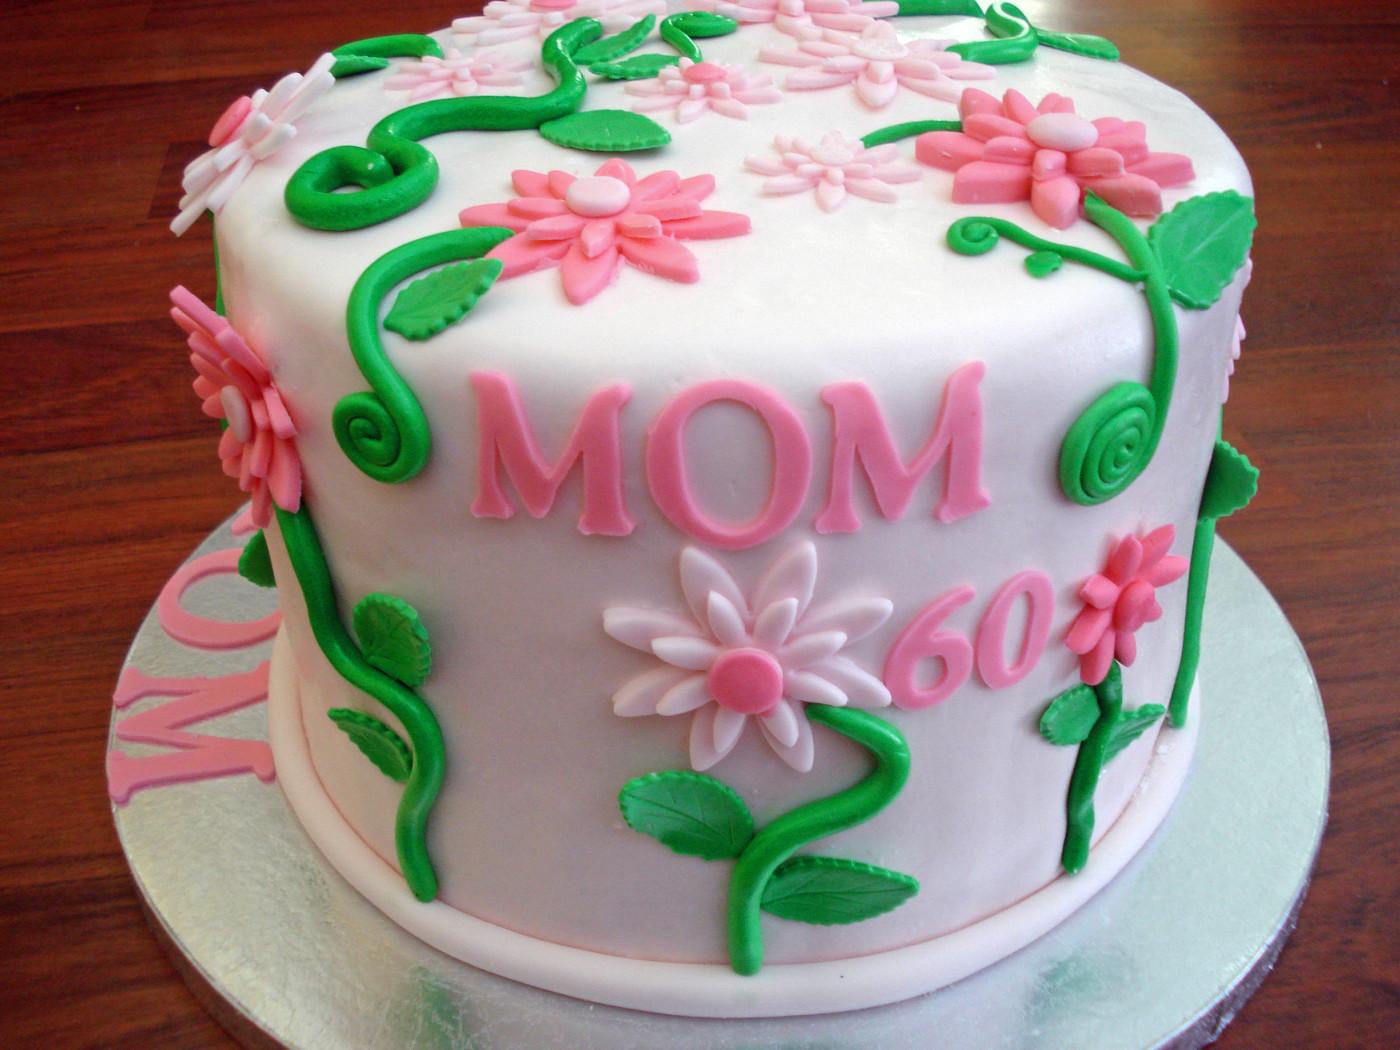 Birthday Cake For Mom  Mom s 60th birthday cake Cake Decorating munity